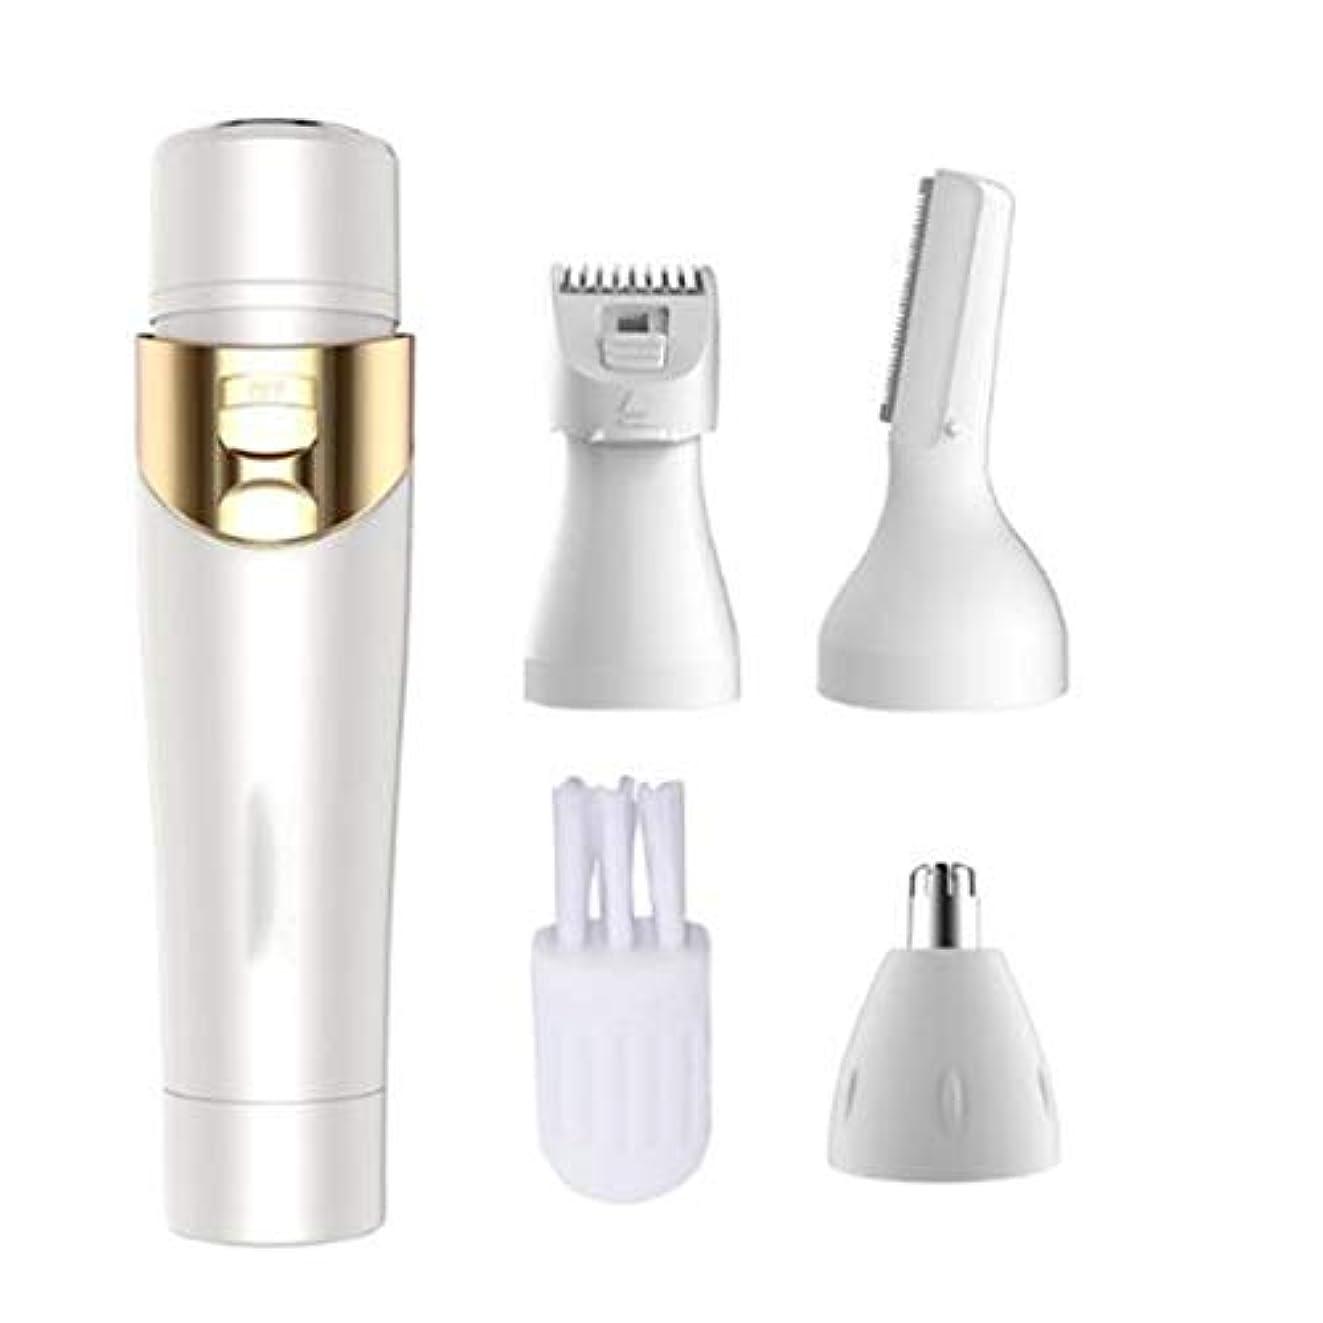 マイナーパケットオーナー女性の電気かみそり、顔の毛のリムーバー充電式ポータブル脱毛器多機能4 in 1 for体、顔、ビキニ、脇の下 (Color : White)